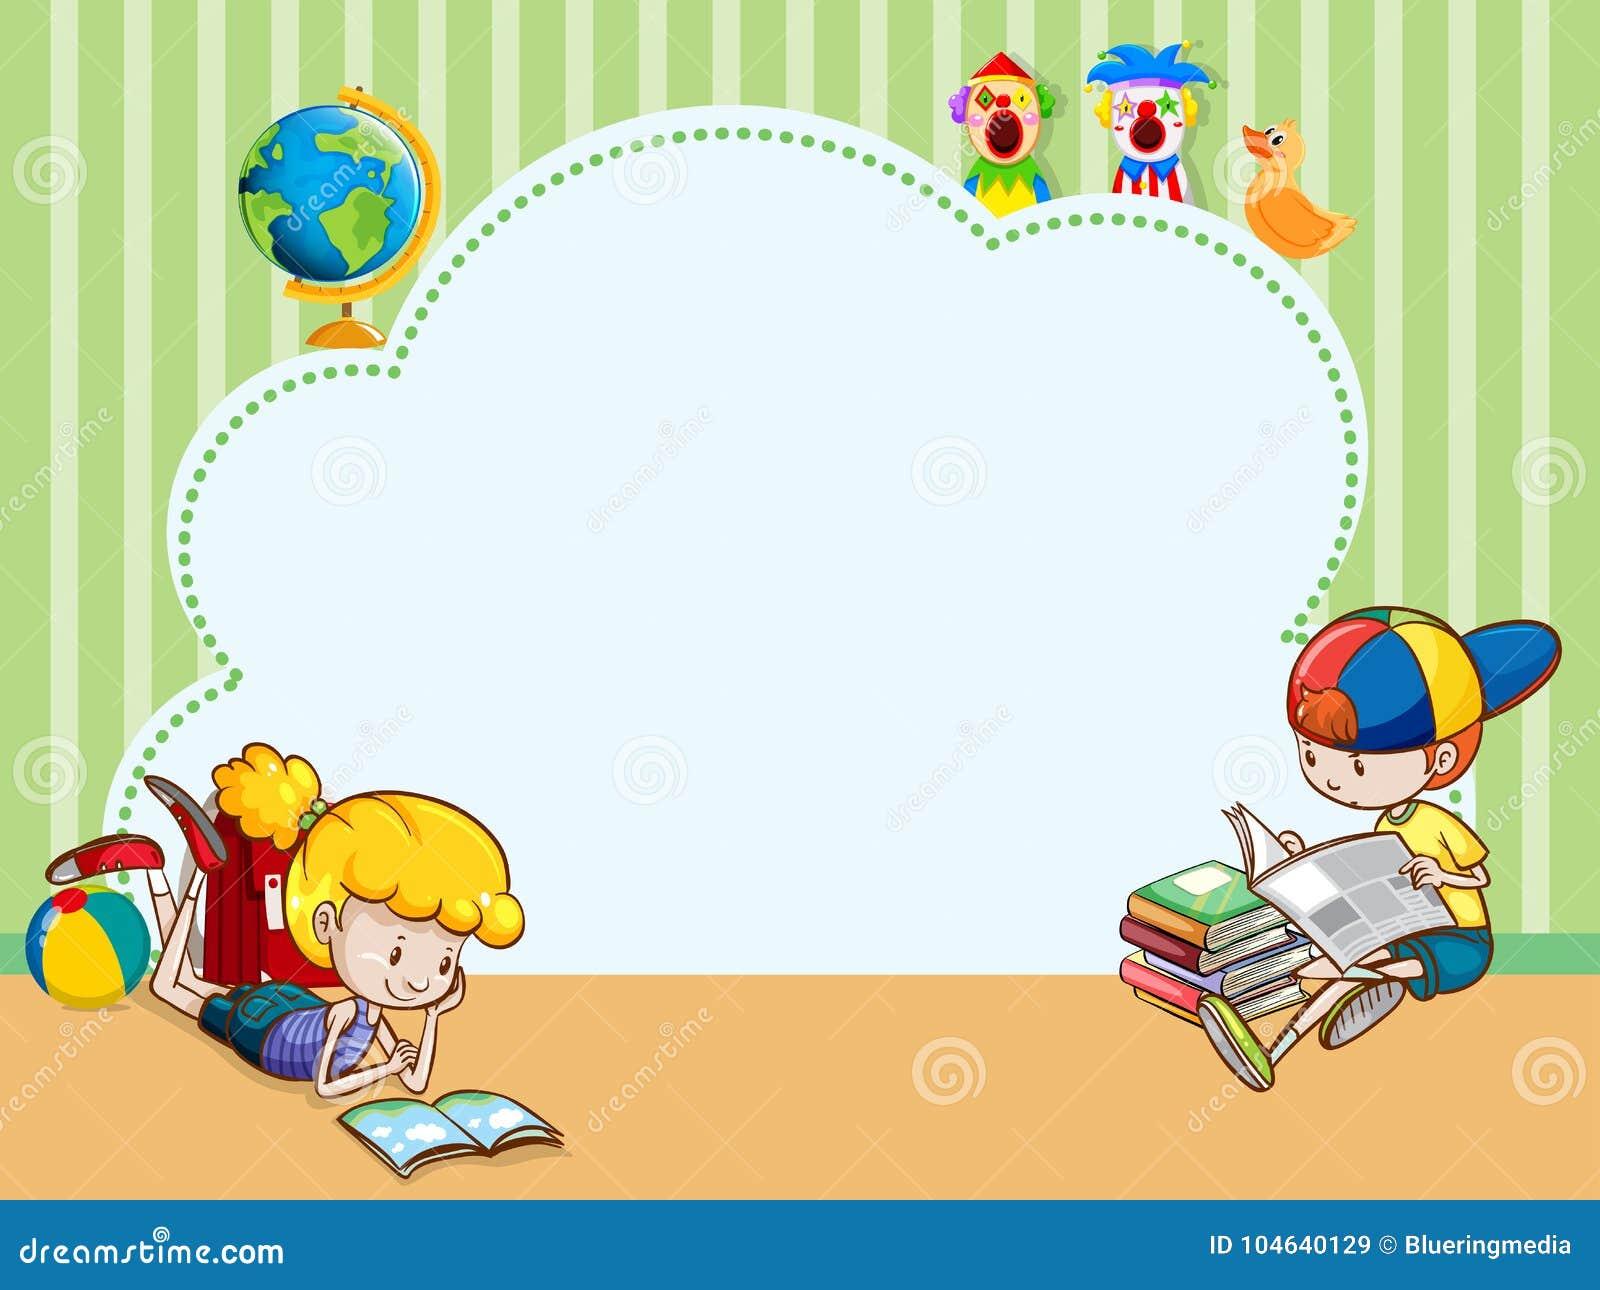 Plantilla De La Frontera Con Los Libros De Lectura De Los Niños ...